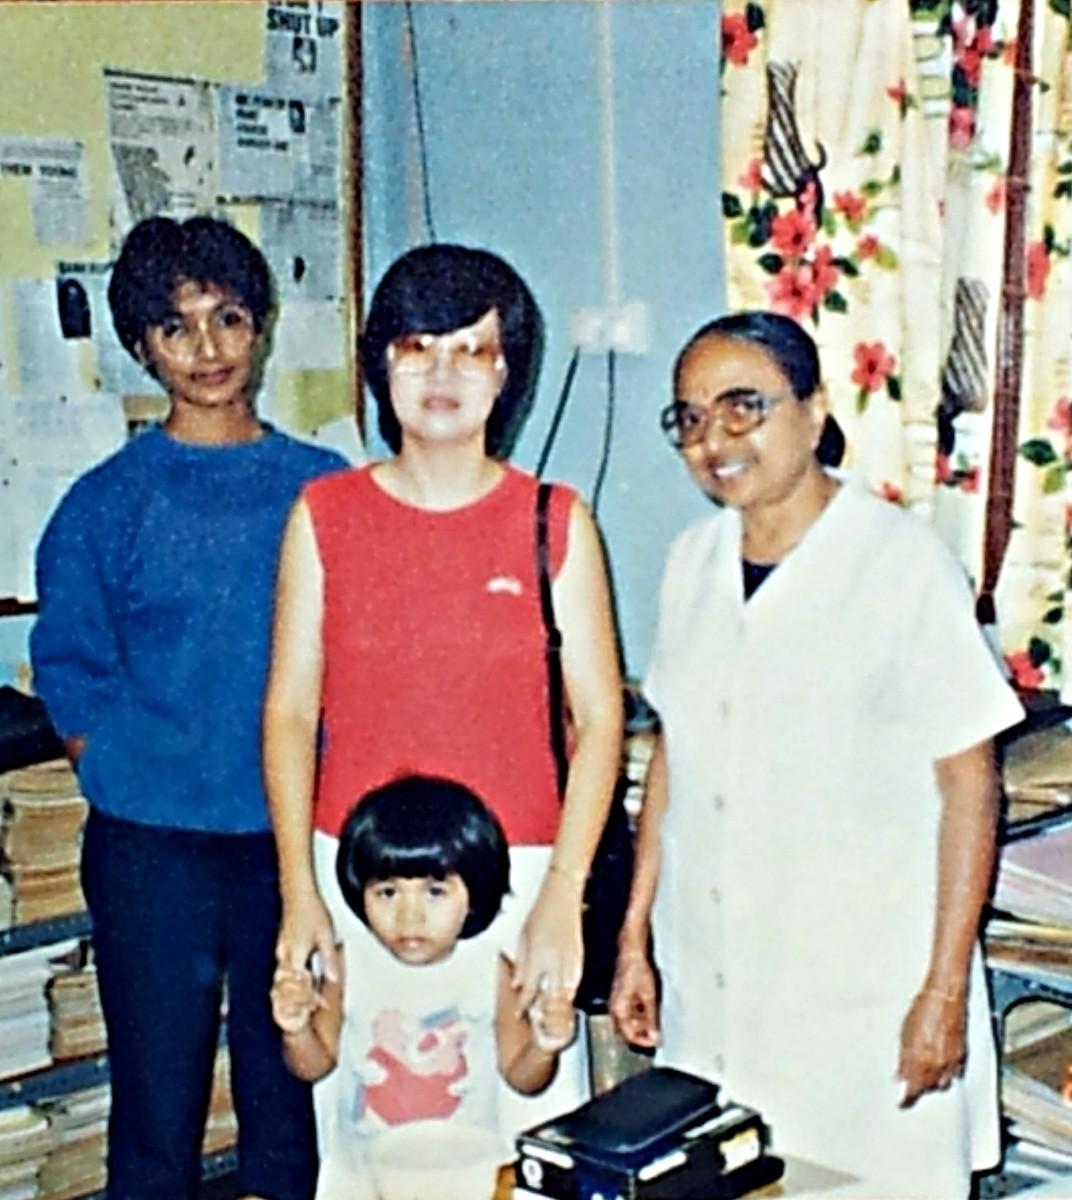 Photo taken in 1986